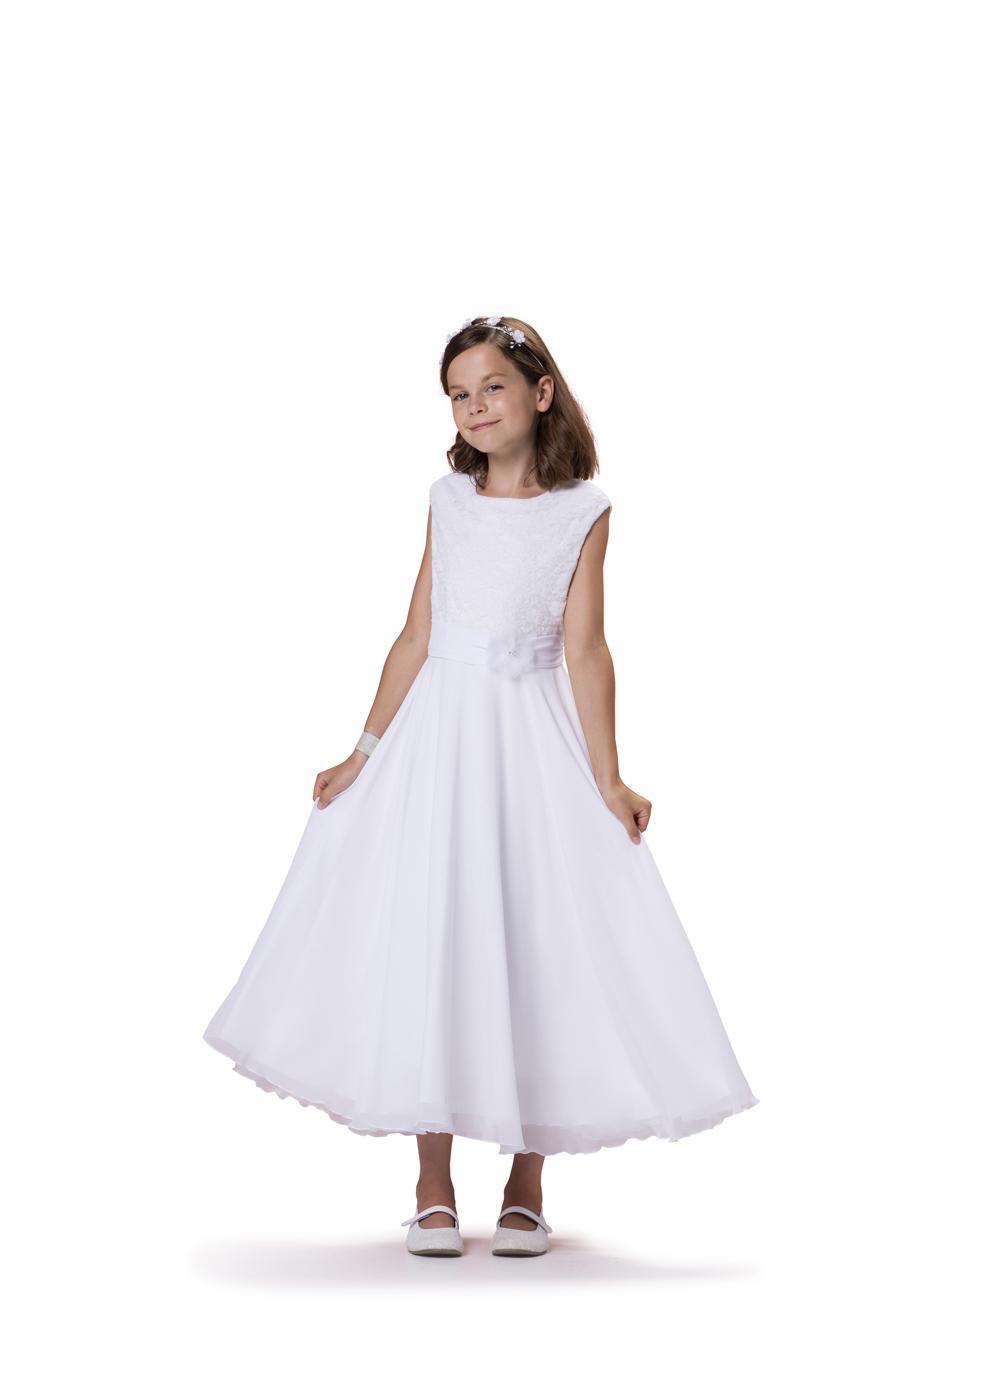 Kommunionkleid mit Spitze und Chiffon  von Biancorella - Modell 520090. Klassisches Kleid mit weitem Chiffonrock und elegantem Spitzenoberteil.